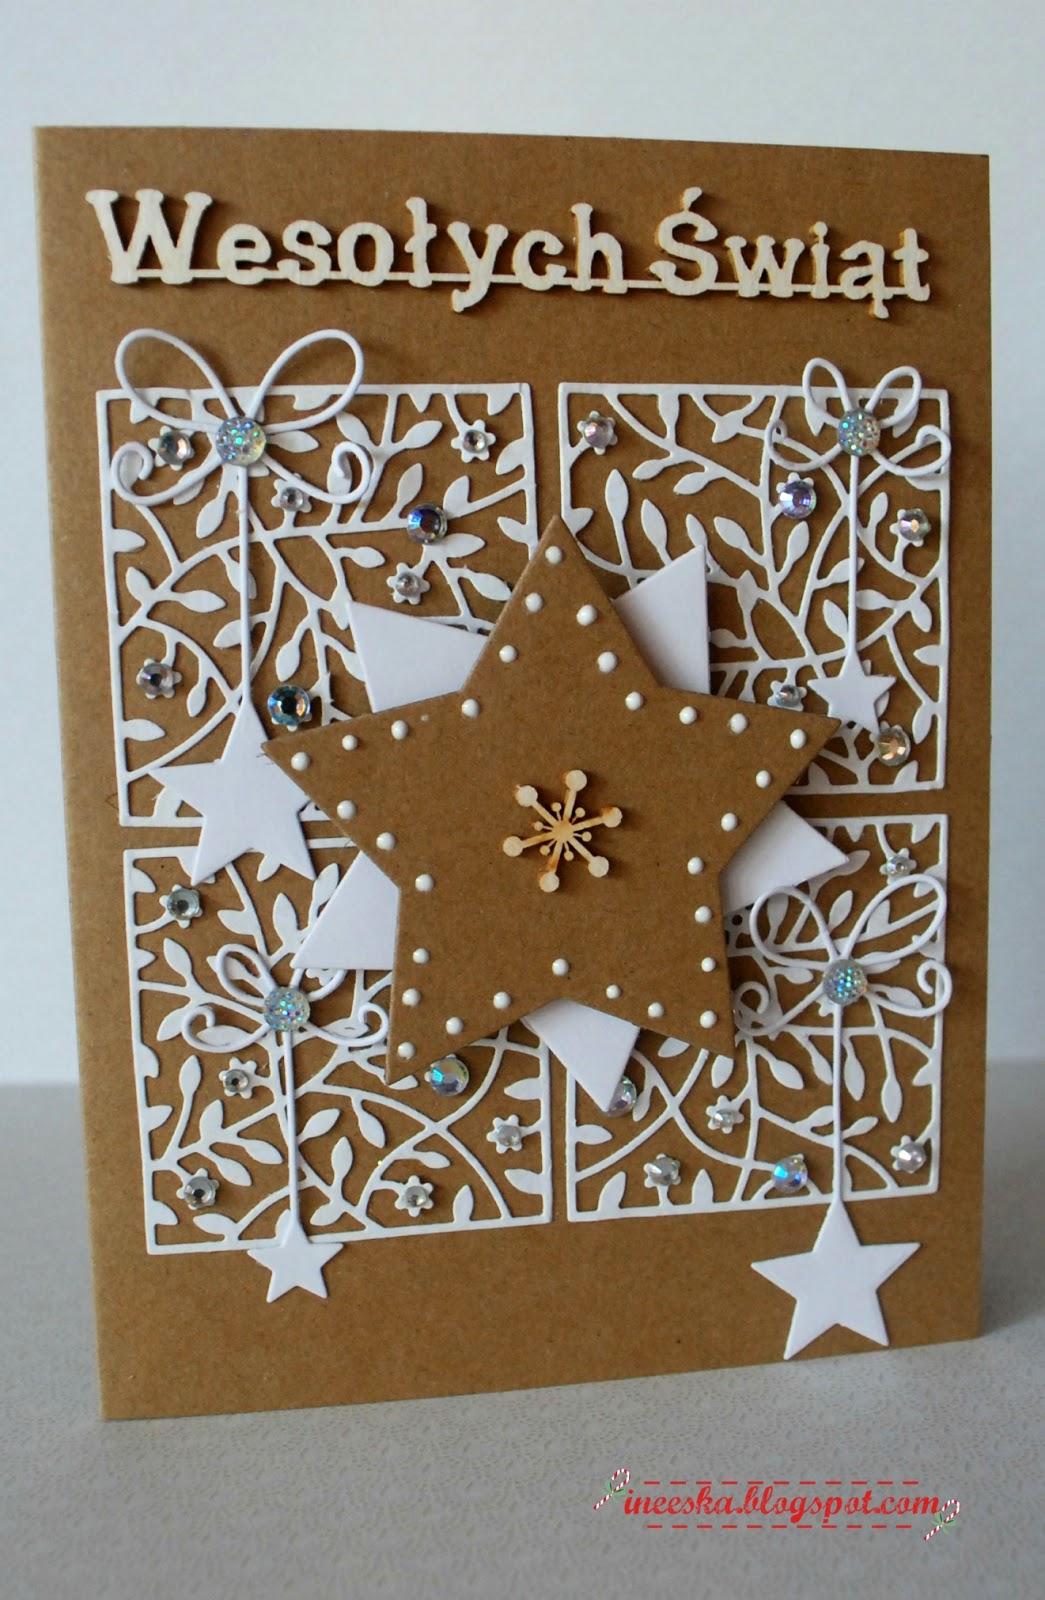 Kartki Boże Narodzenie, ineeska, ineska kraft, ineeska craft